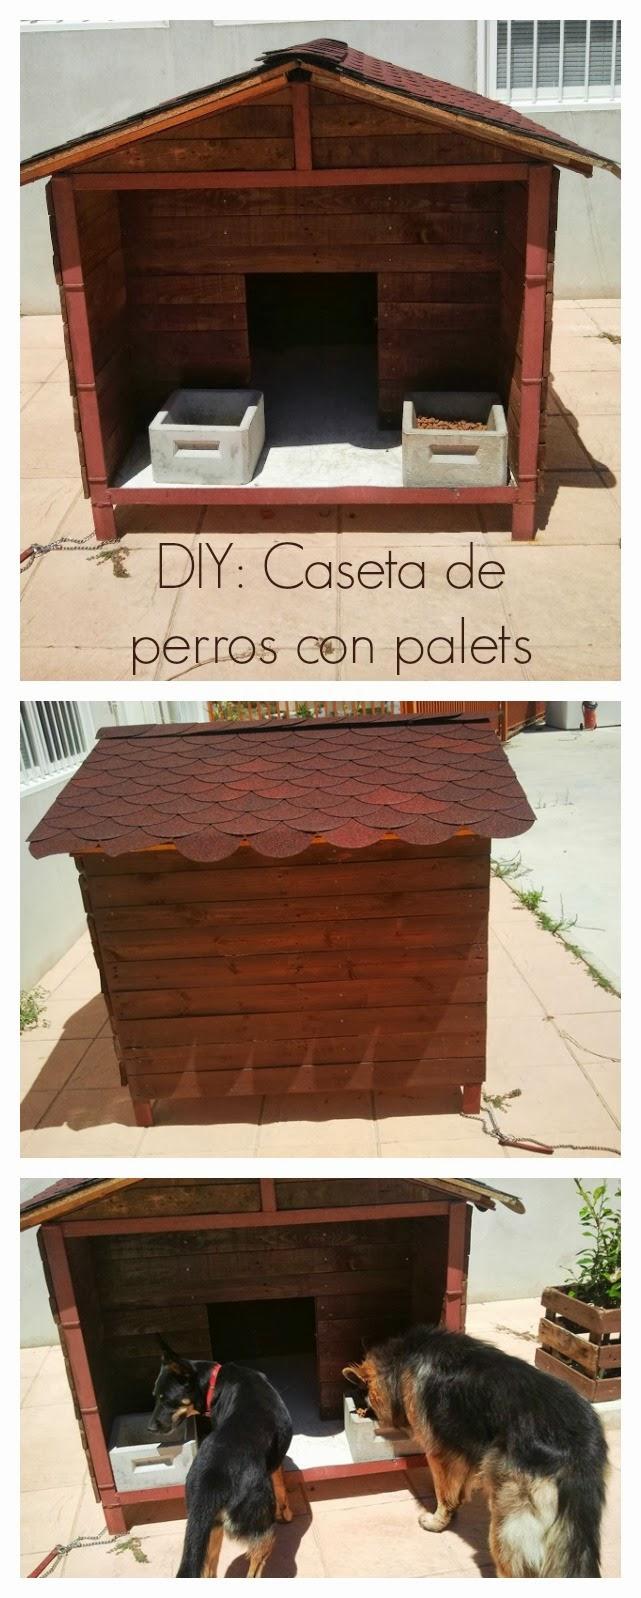 Diy c mo hacer una caseta de perros con palets - Casa de palets para ninos ...